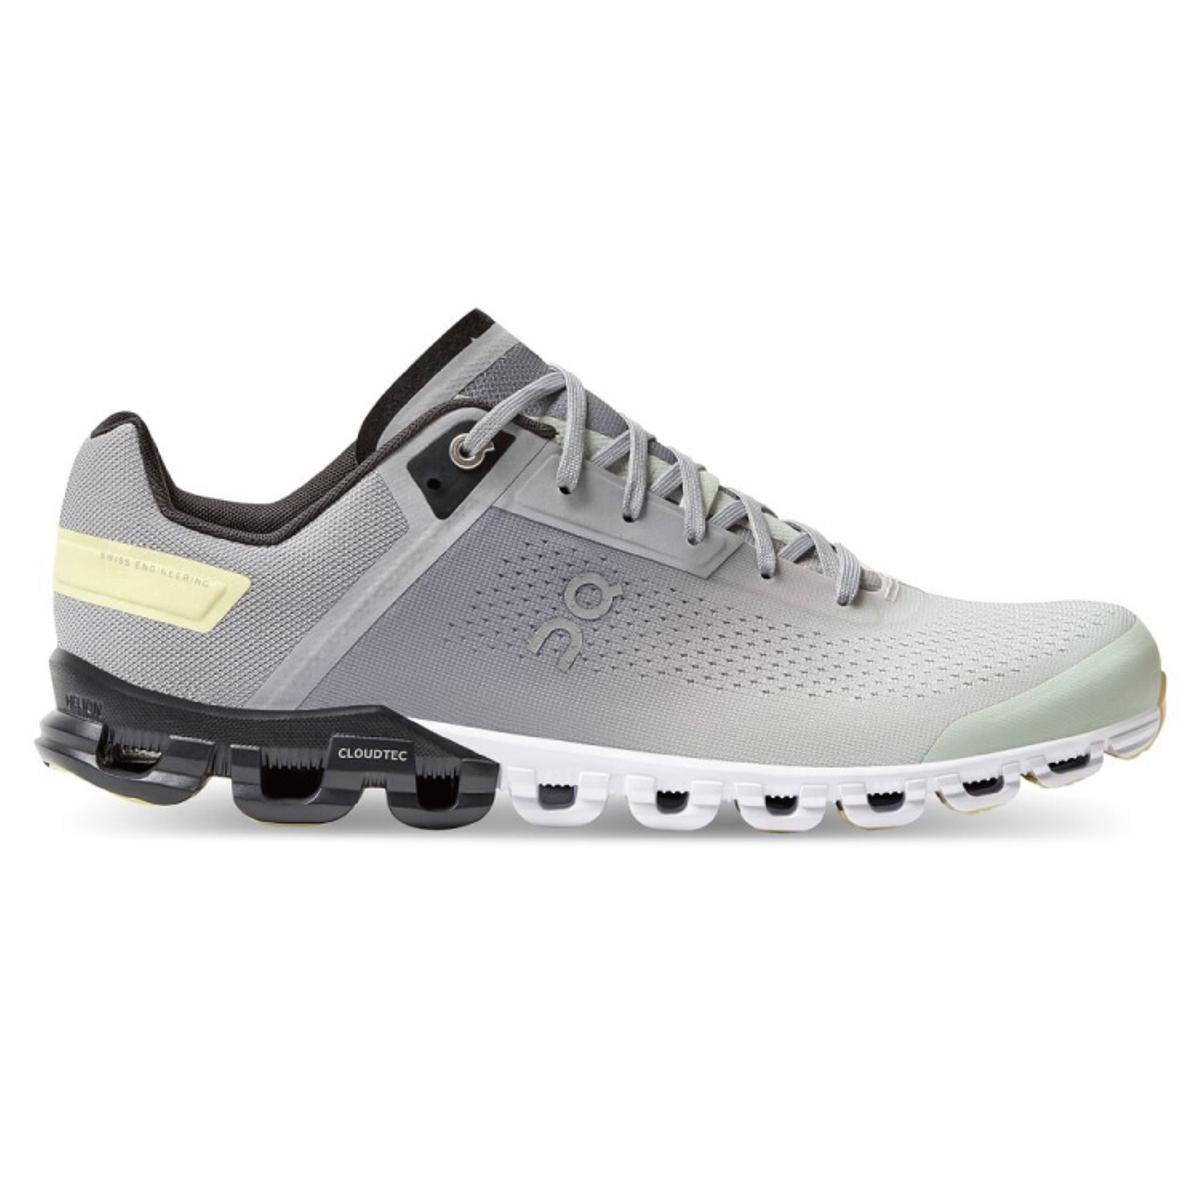 Men's On Cloudflow 3.0 Running Shoe - Color: Alloy/Magnet - Size: 7 - Width: Regular, Alloy/Magnet, large, image 1